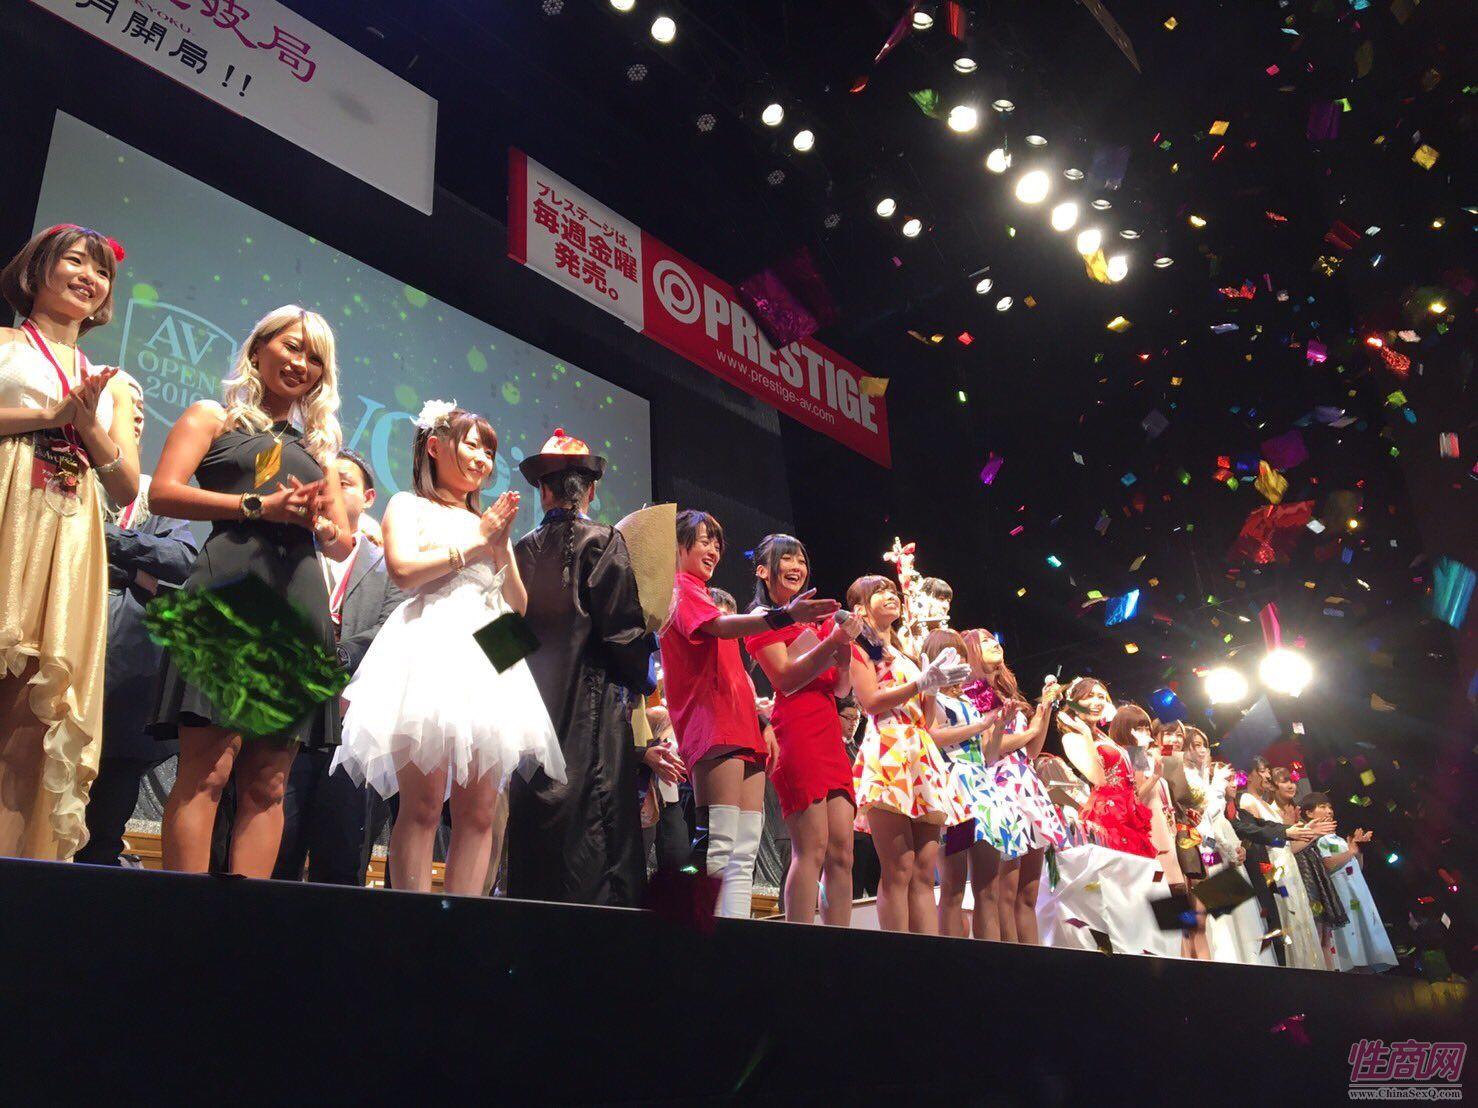 2016日本成人展JapanAdultExpo颁奖典礼1图片2